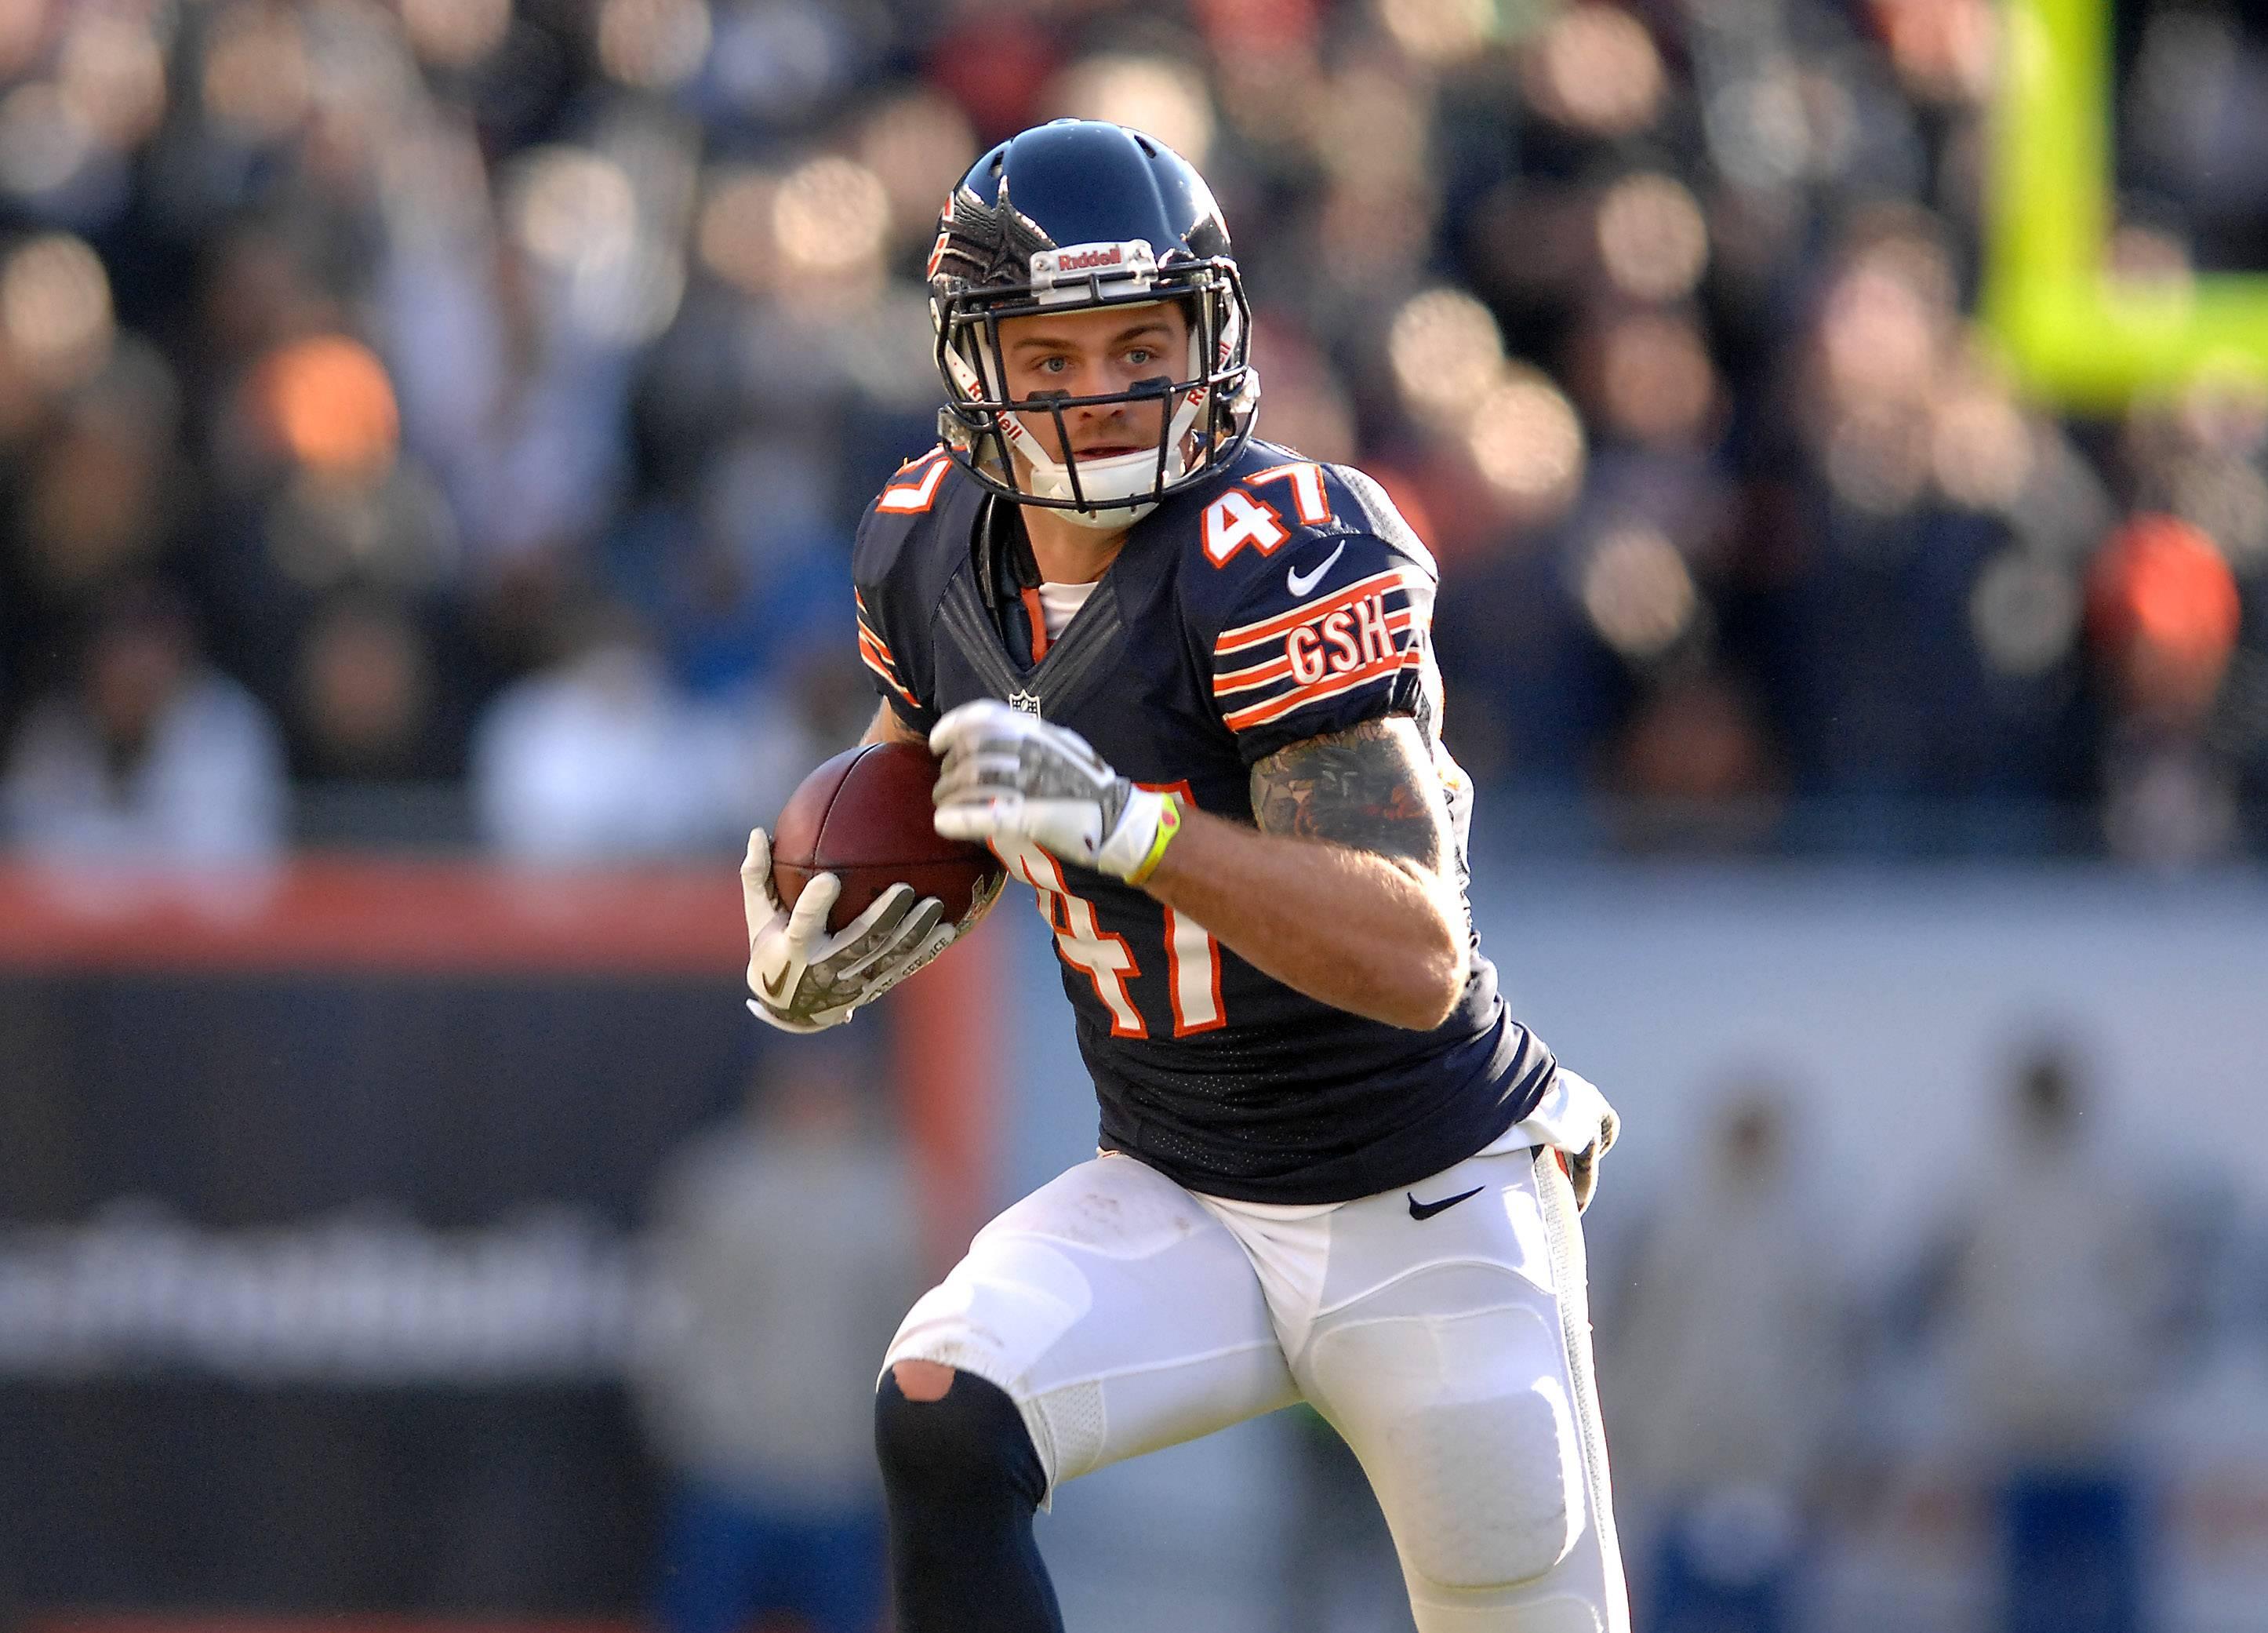 Bears' safeties to get long look against Seahawks